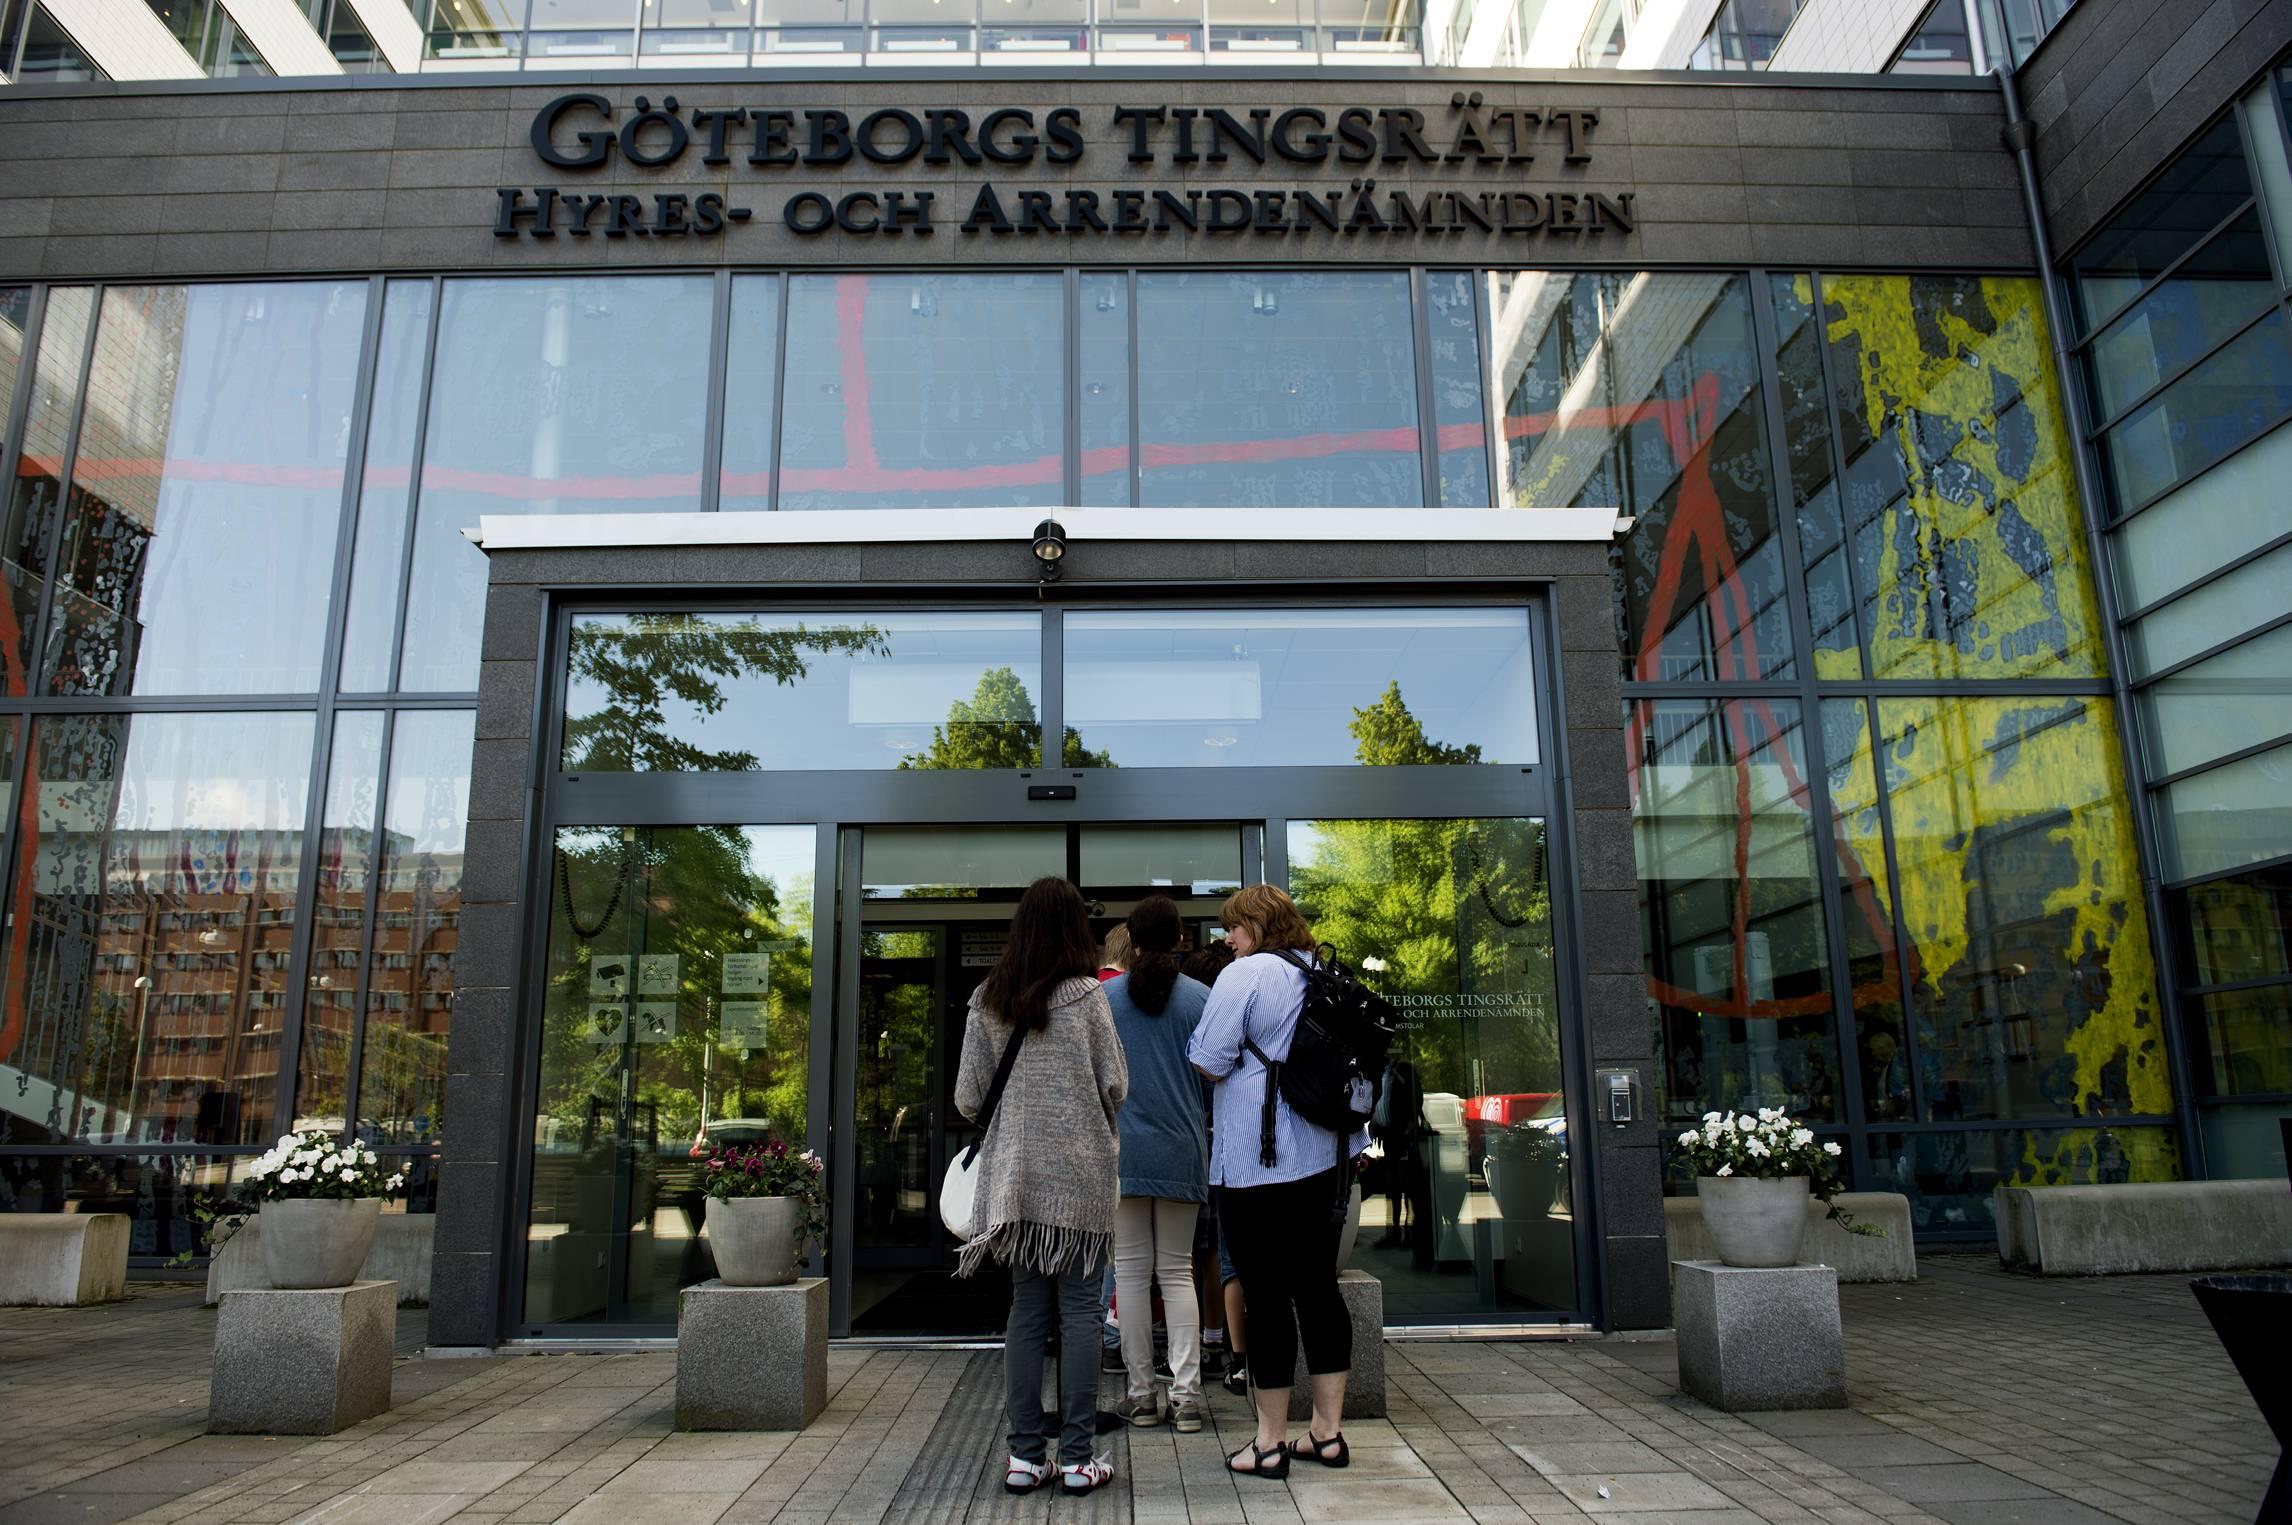 opptøyer i Göteborg_BOBBO LAUHAGE_Kamerapress_AllOverPress_4.03875912.jpg